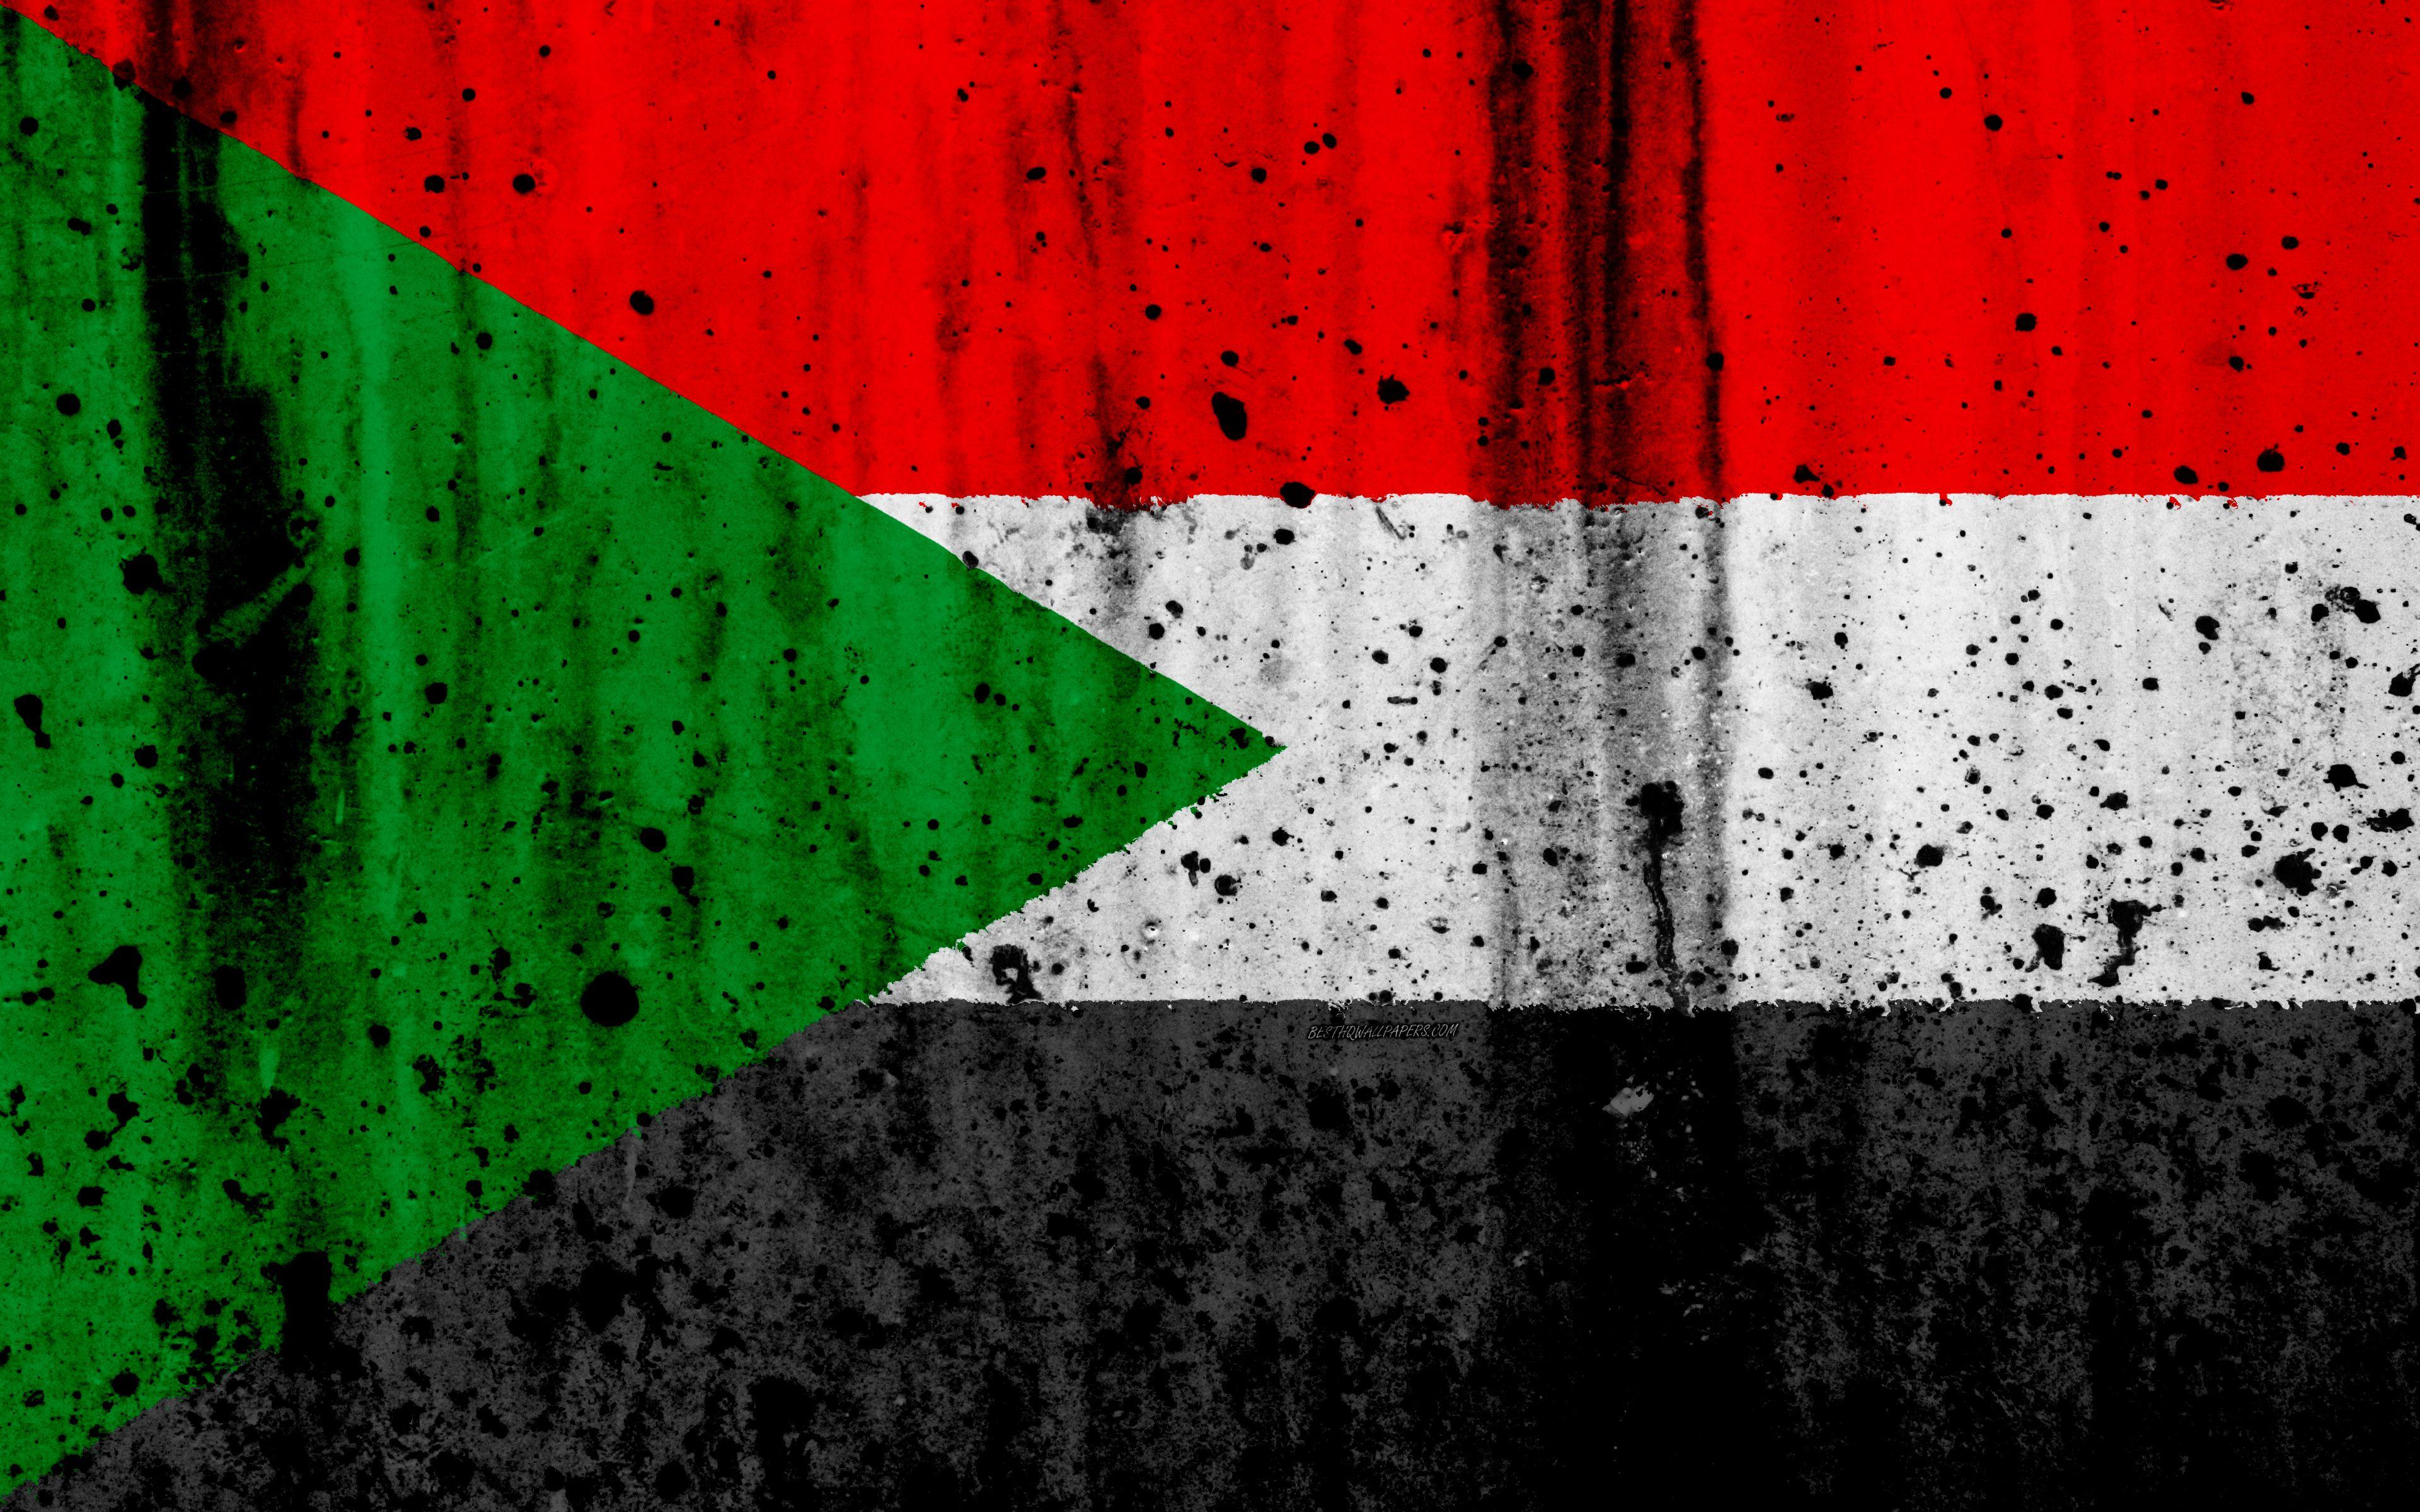 السودانية العلم 4k الجرونج علم السودان أفريقيا السودان الرموز الوطنية السودان العلم الوطني Sudan Flag Sudanese Flag Flag Tattoo